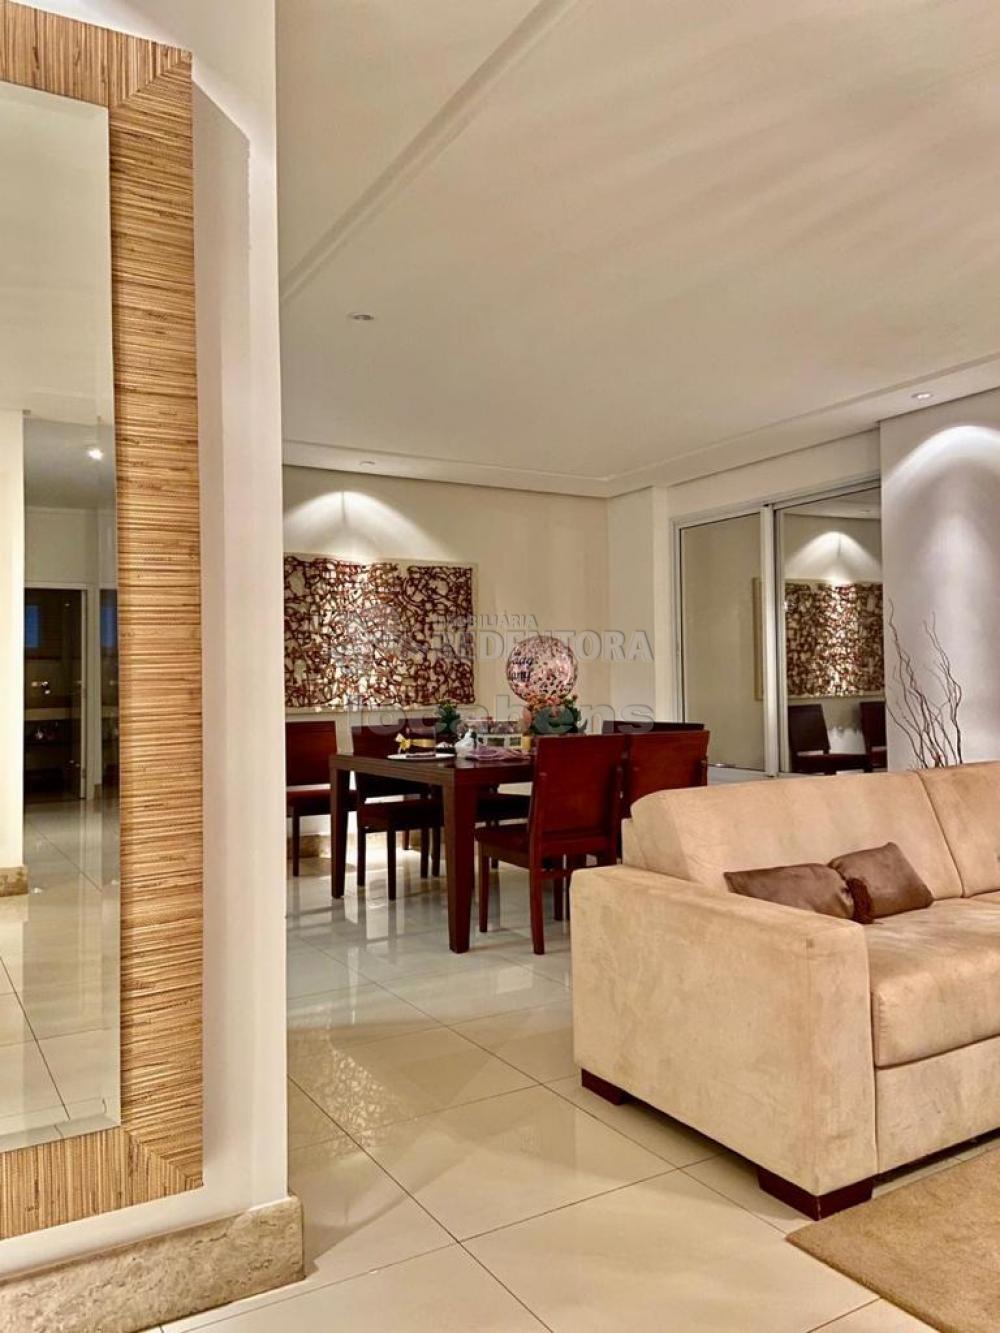 Comprar Casa / Condomínio em São José do Rio Preto R$ 1.750.000,00 - Foto 26